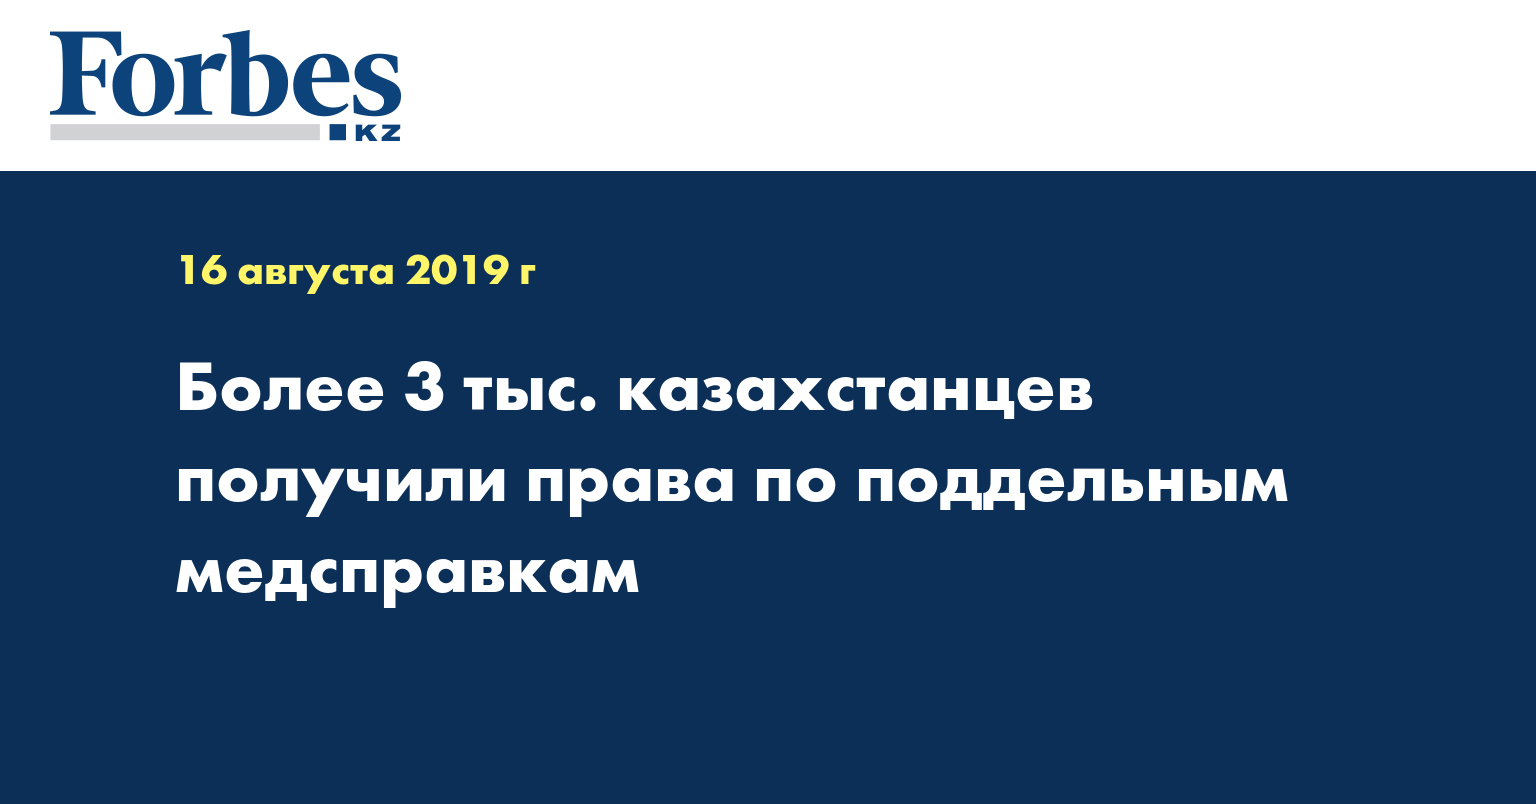 Более 3 тыс. казахстанцев получили права по поддельным медсправкам